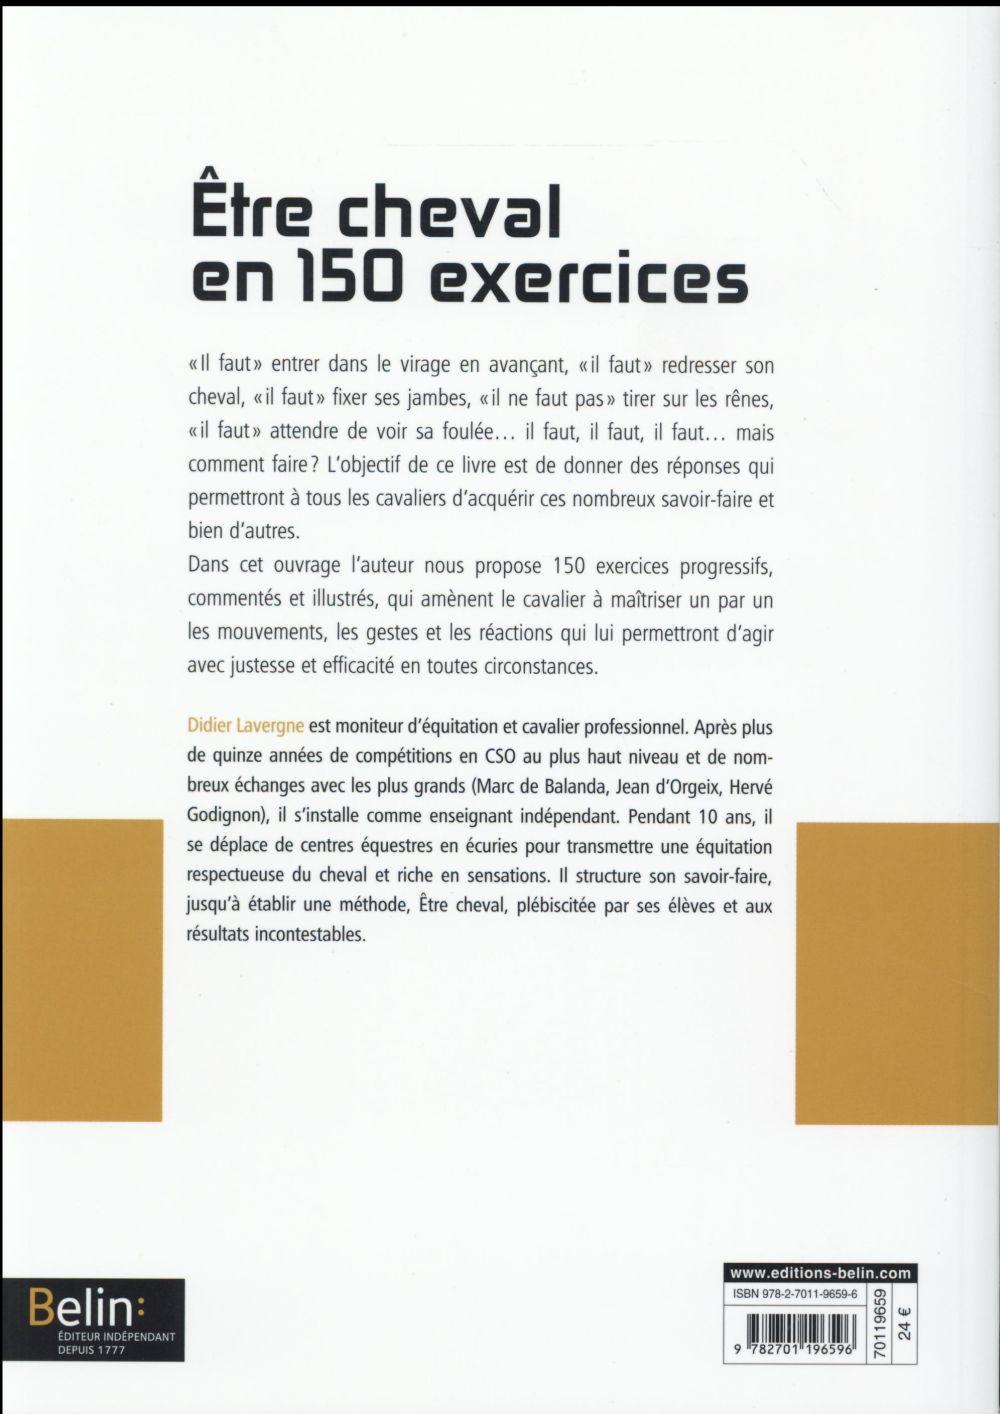 être cheval en 150 exercices